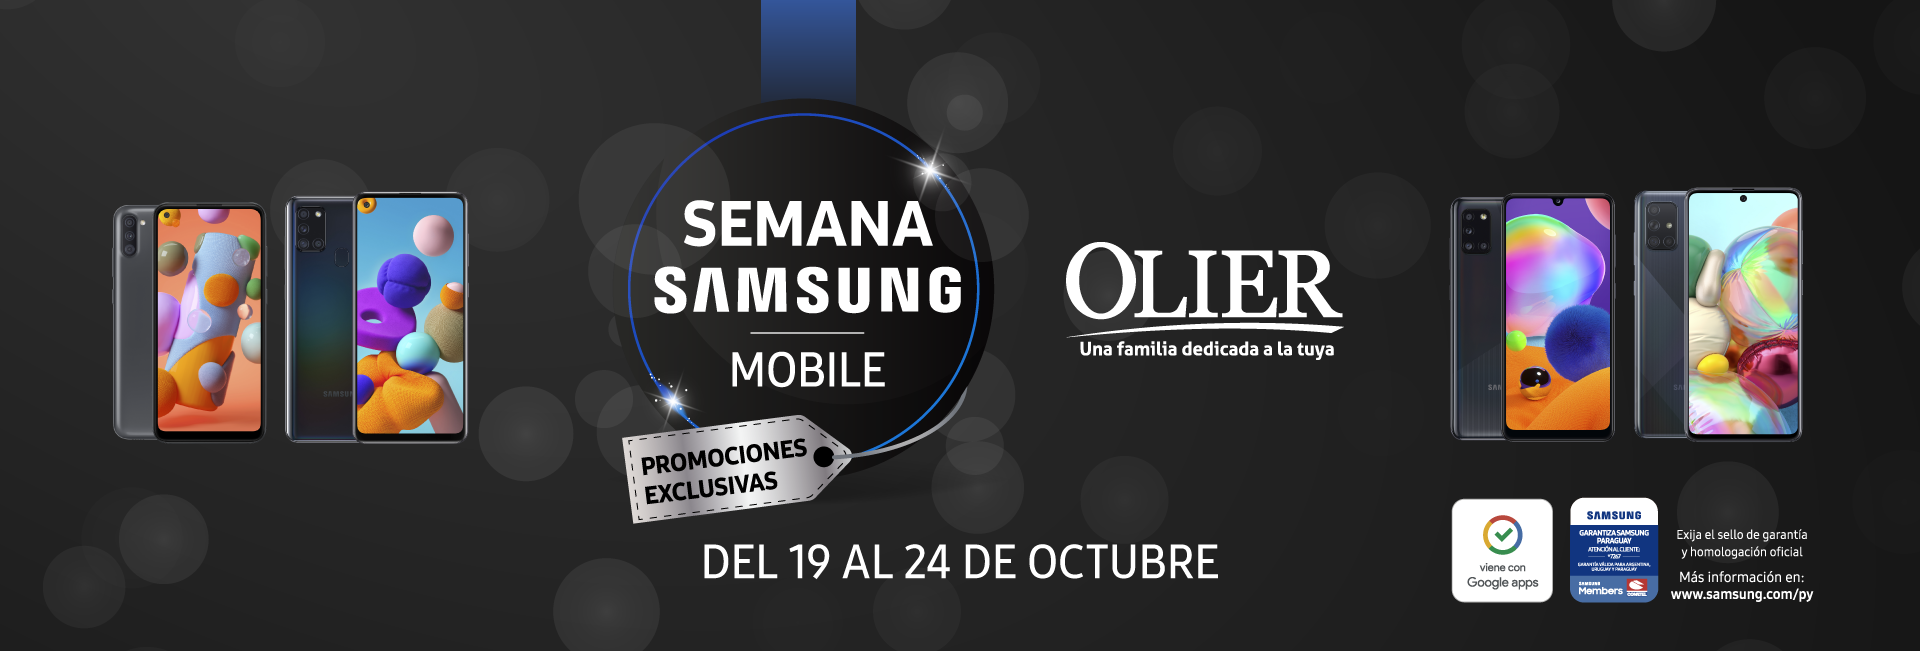 Samsung Mobile 20